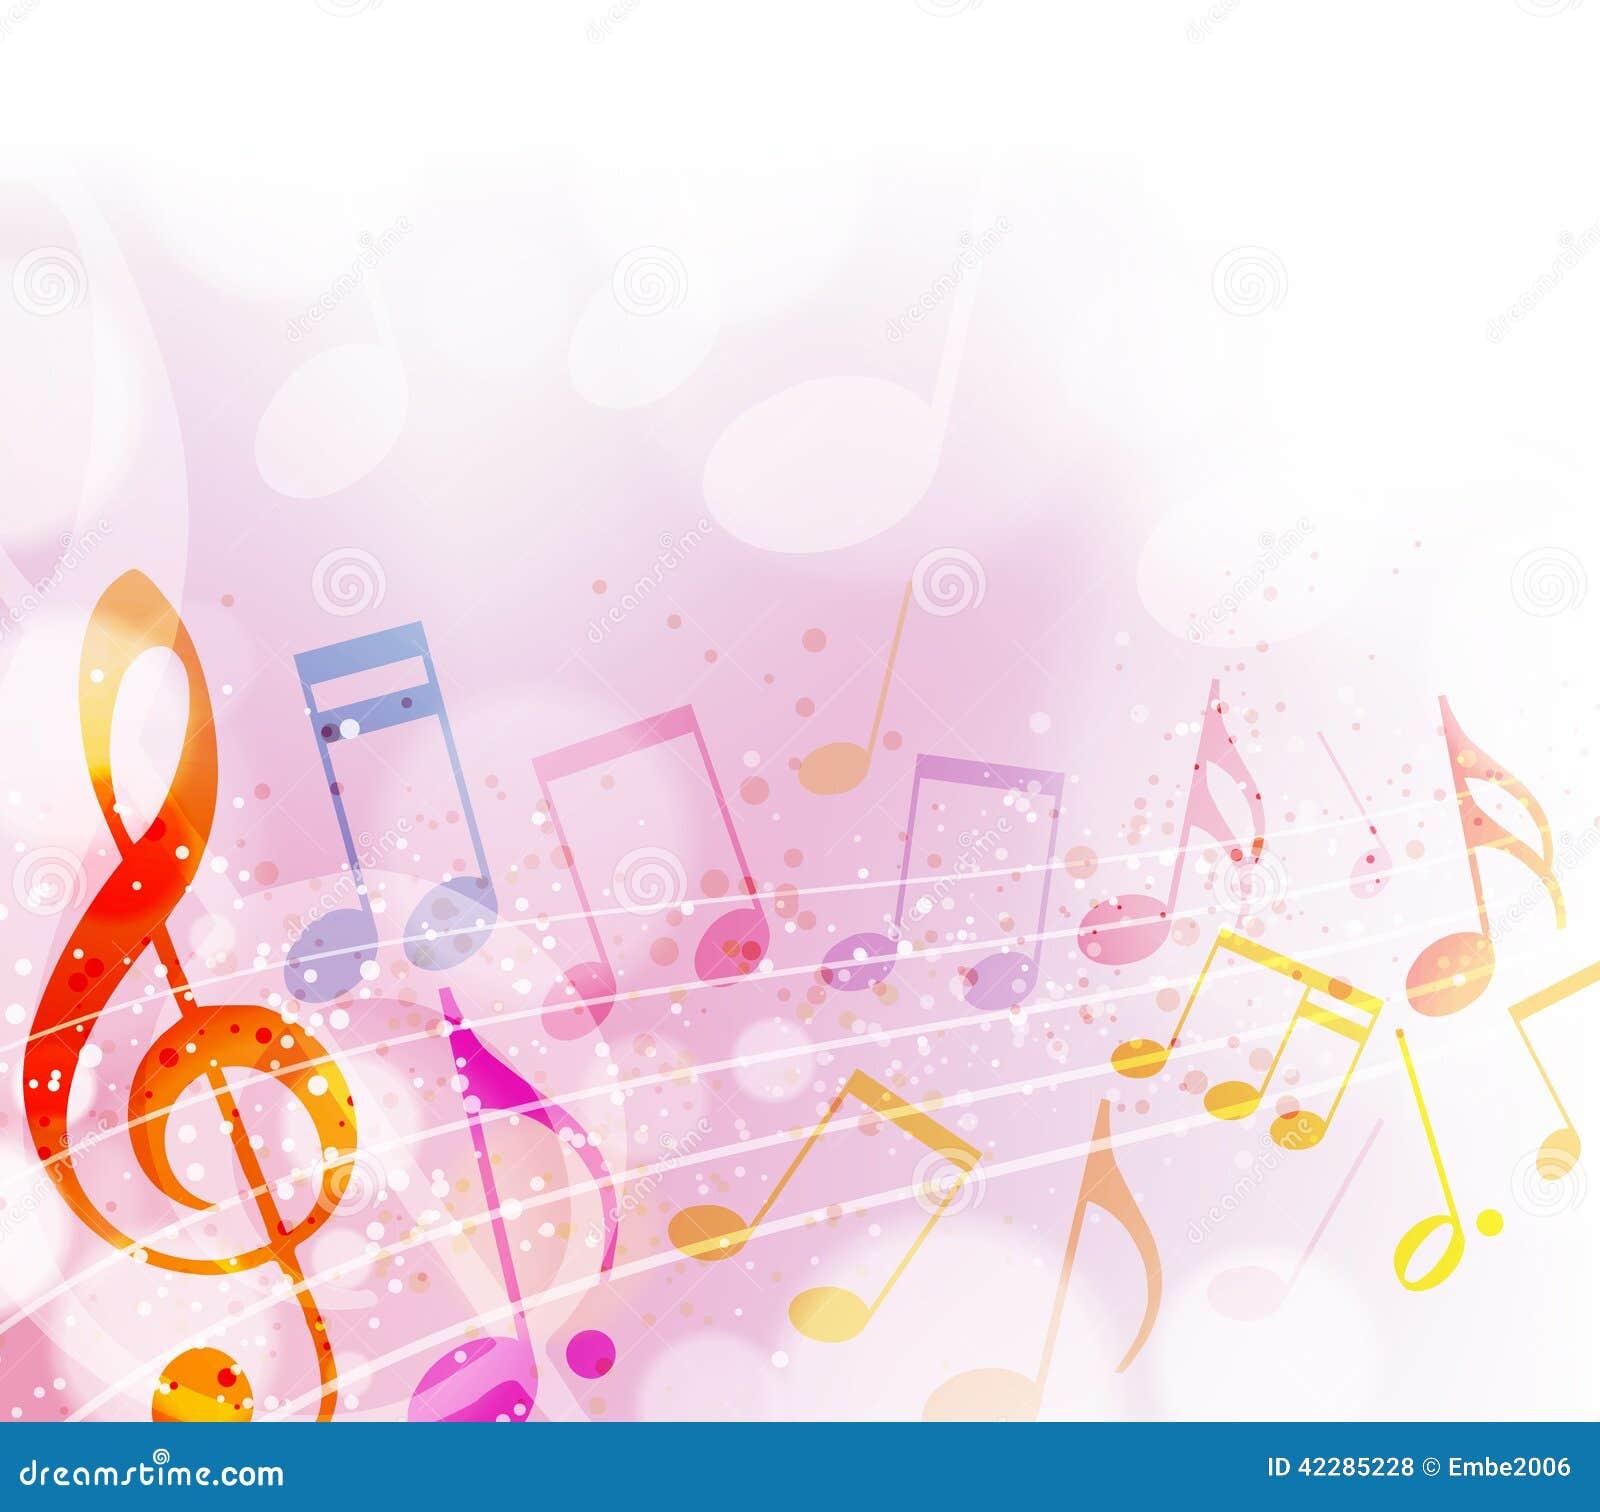 Notas musicales ilustración del vector. Imagen de nota